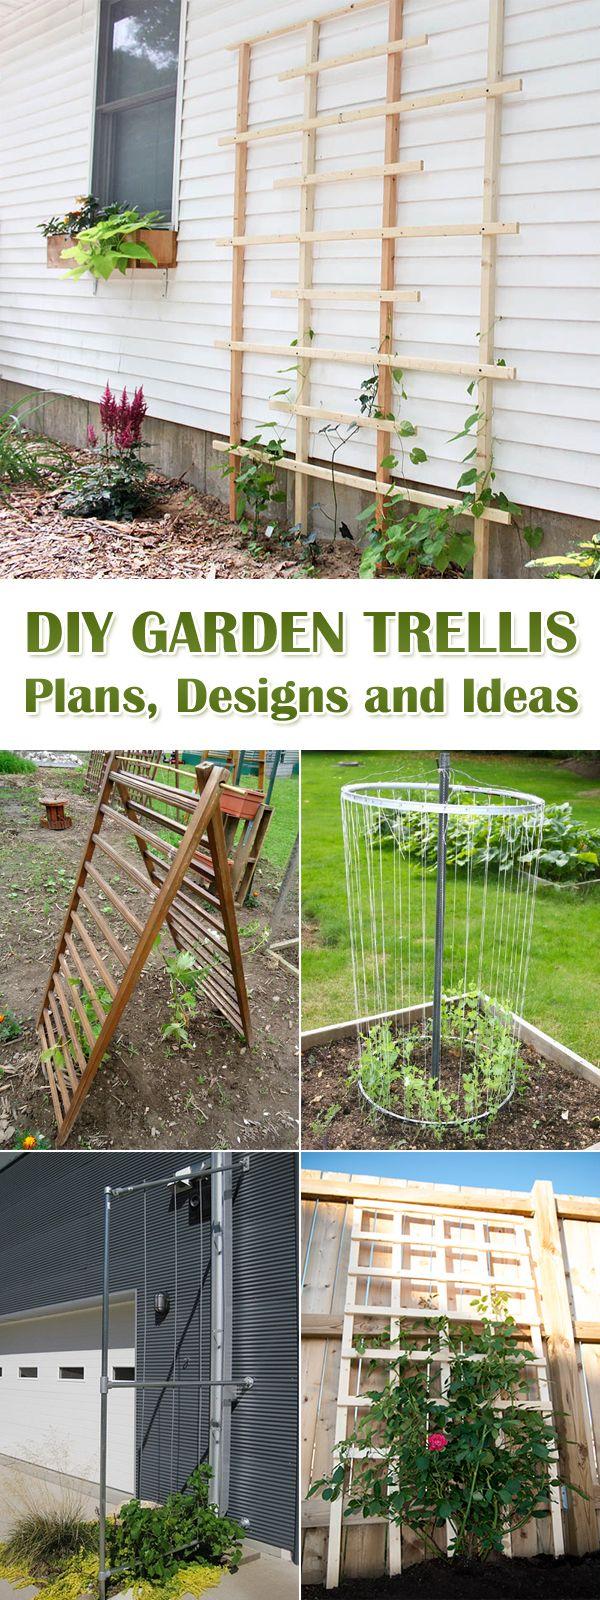 Best 25 garden trellis ideas on pinterest trellis ideas for Outdoor trellis ideas